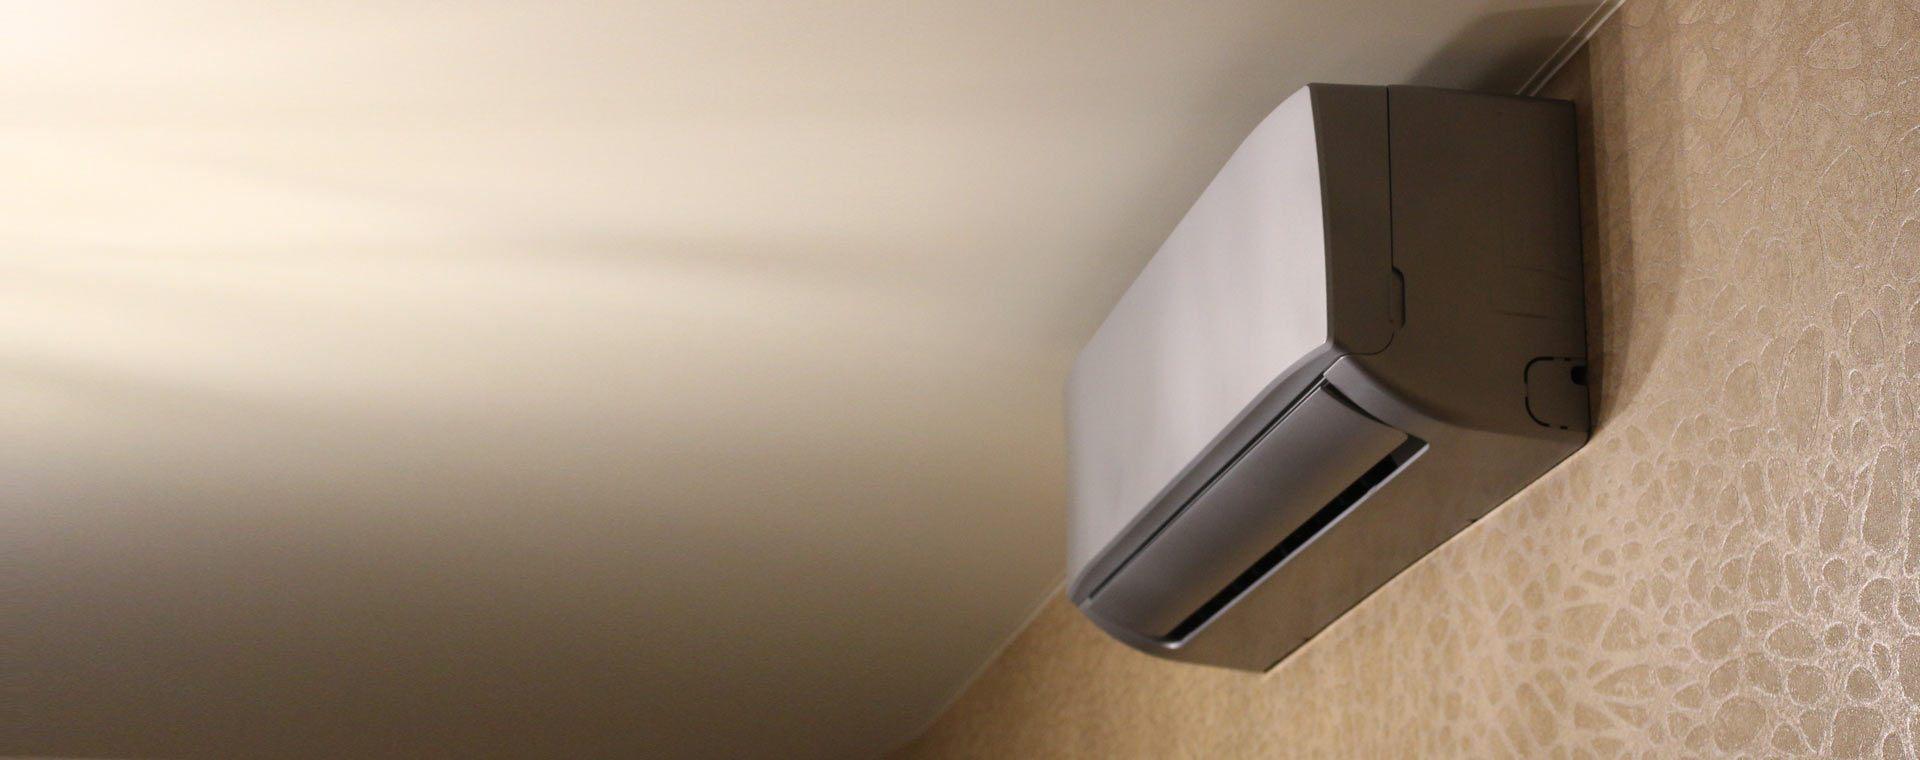 Тюнинг кондиционера - дизайнерское решение для ценителей индивидуального стиля.